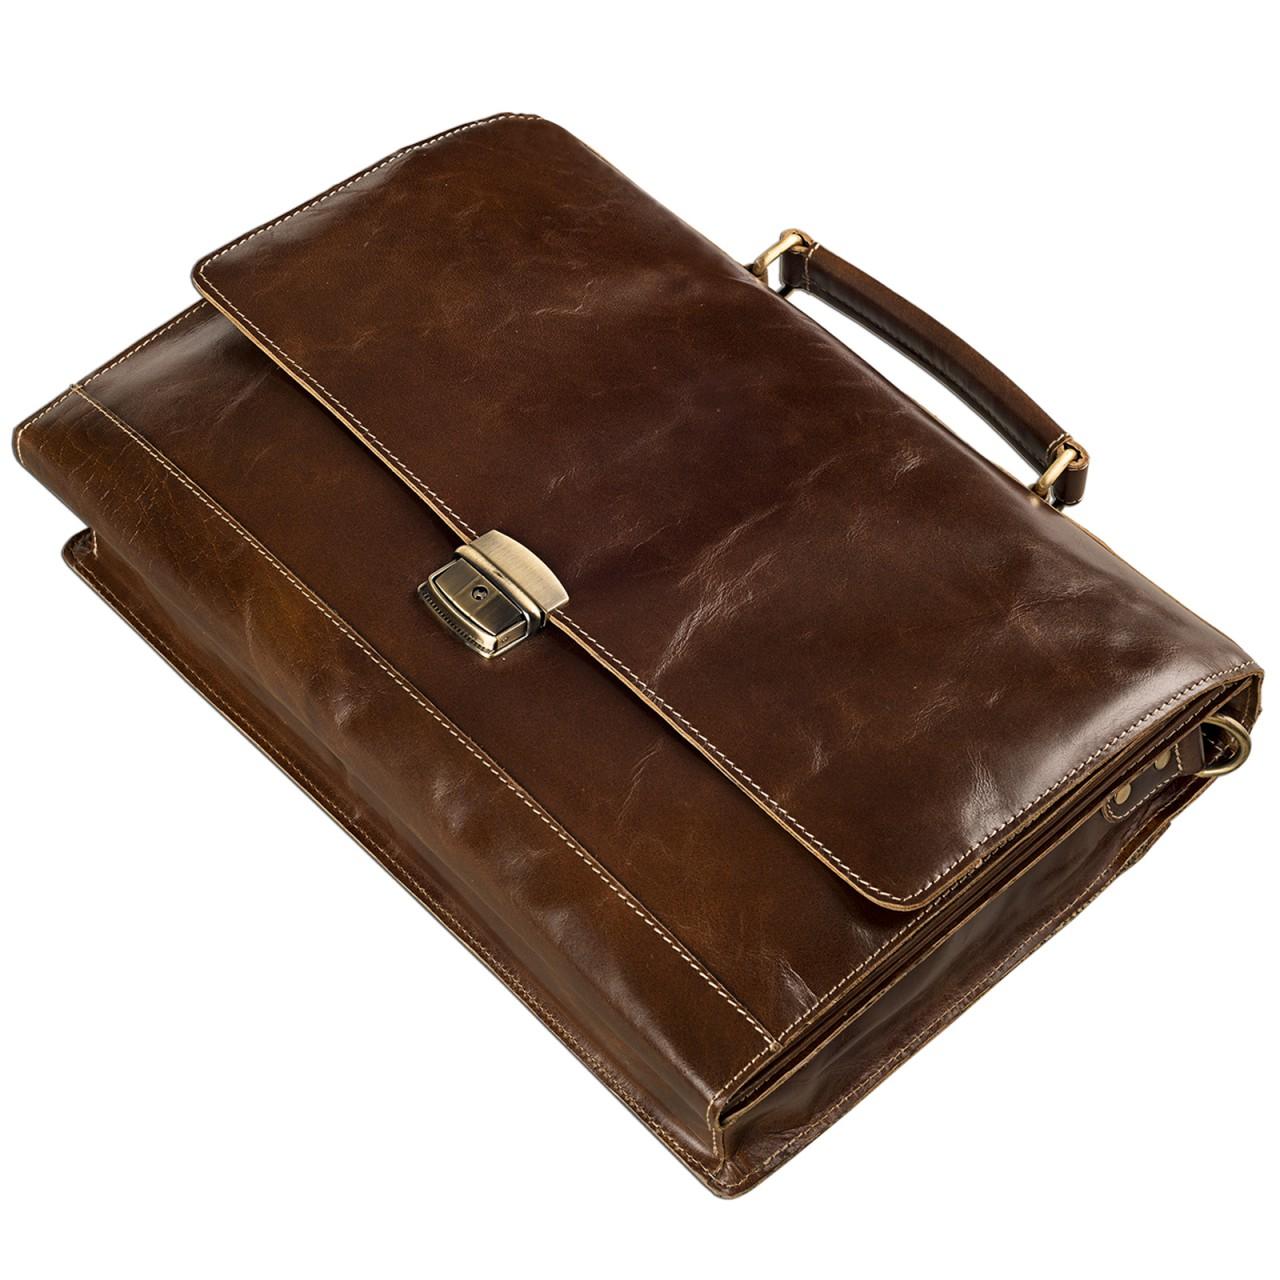 STILORD Vintage Aktentasche elegante Businesstasche zum Umhängen Echtleder für 13,3 Zoll Laptops Rinds Leder dunkles Braun - Bild 3